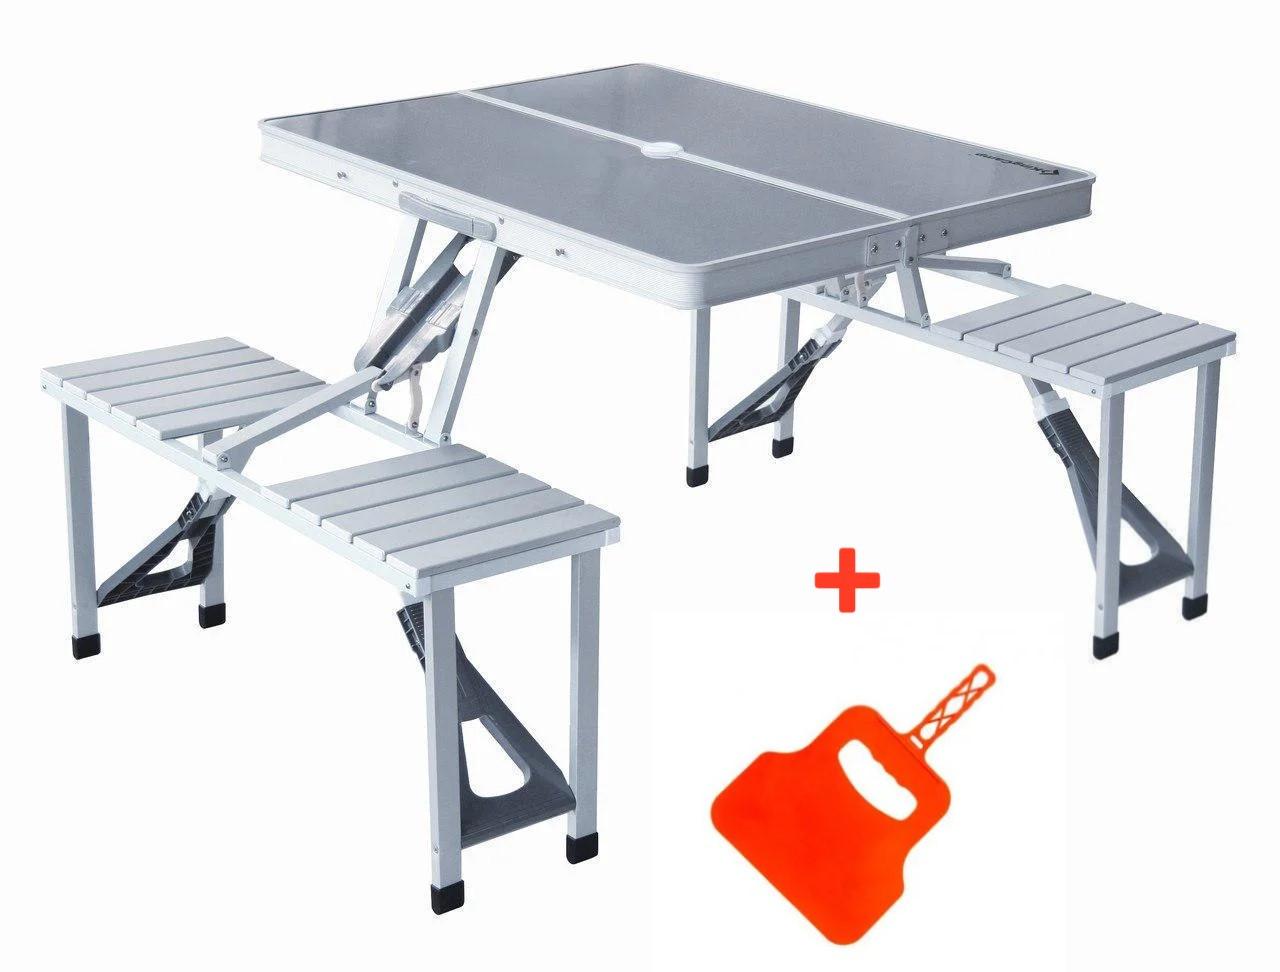 Алюминиевый складной ручной столик для пикника на 4 места   Стол-чемодан Folding Picnic Table